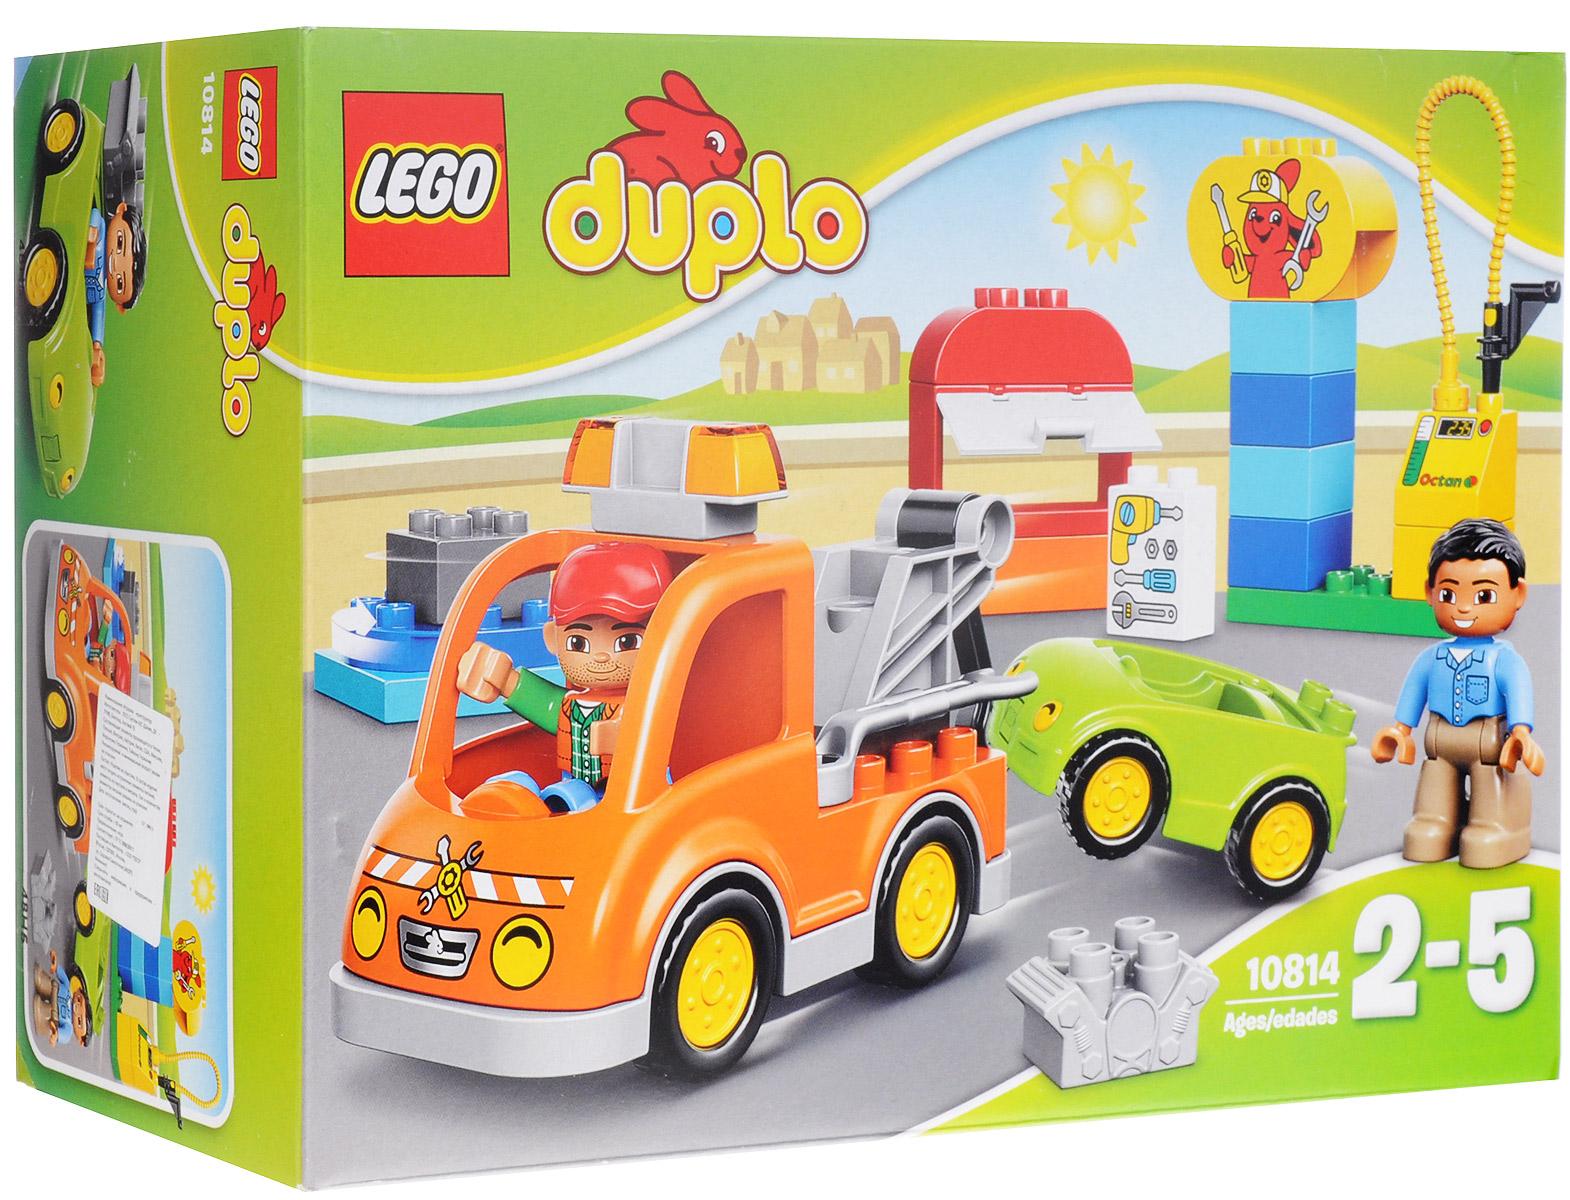 LEGO DUPLO Конструктор Буксировщик 1081410814Конструктор LEGO DUPLO Буксировщик приведет в восторг любого ребенка, ведь все дети обожают знаменитые конструкторы LEGO. Конструктор содержит 28 пластиковых элементов. На дороге сломался автомобиль! К счастью, мимо проезжает дружелюбный механик на своем буксировщике. Цепляйте автомобиль к буксировщику и тащите его в гараж, чтобы отремонтировать. Там есть много инструментов. Поставьте автомобиль на поворотную площадку и затяните все гайки с помощью ключа. Затем заправьте машину, и она снова готова к поездке! Кого ещё нужно отбуксировать? С яркими цветными кубиками LEGO DUPLO, разработанными специально для начинающих строителей, так легко собрать свою историю. Все элементы набора выполнены из безопасного пластика и имеют увеличенные размеры, специально для маленьких детских пальчиков. Игры с конструкторами помогут ребенку развить воображение, внимательность, пространственное мышление и творческие способности. Такой конструктор надолго займет...